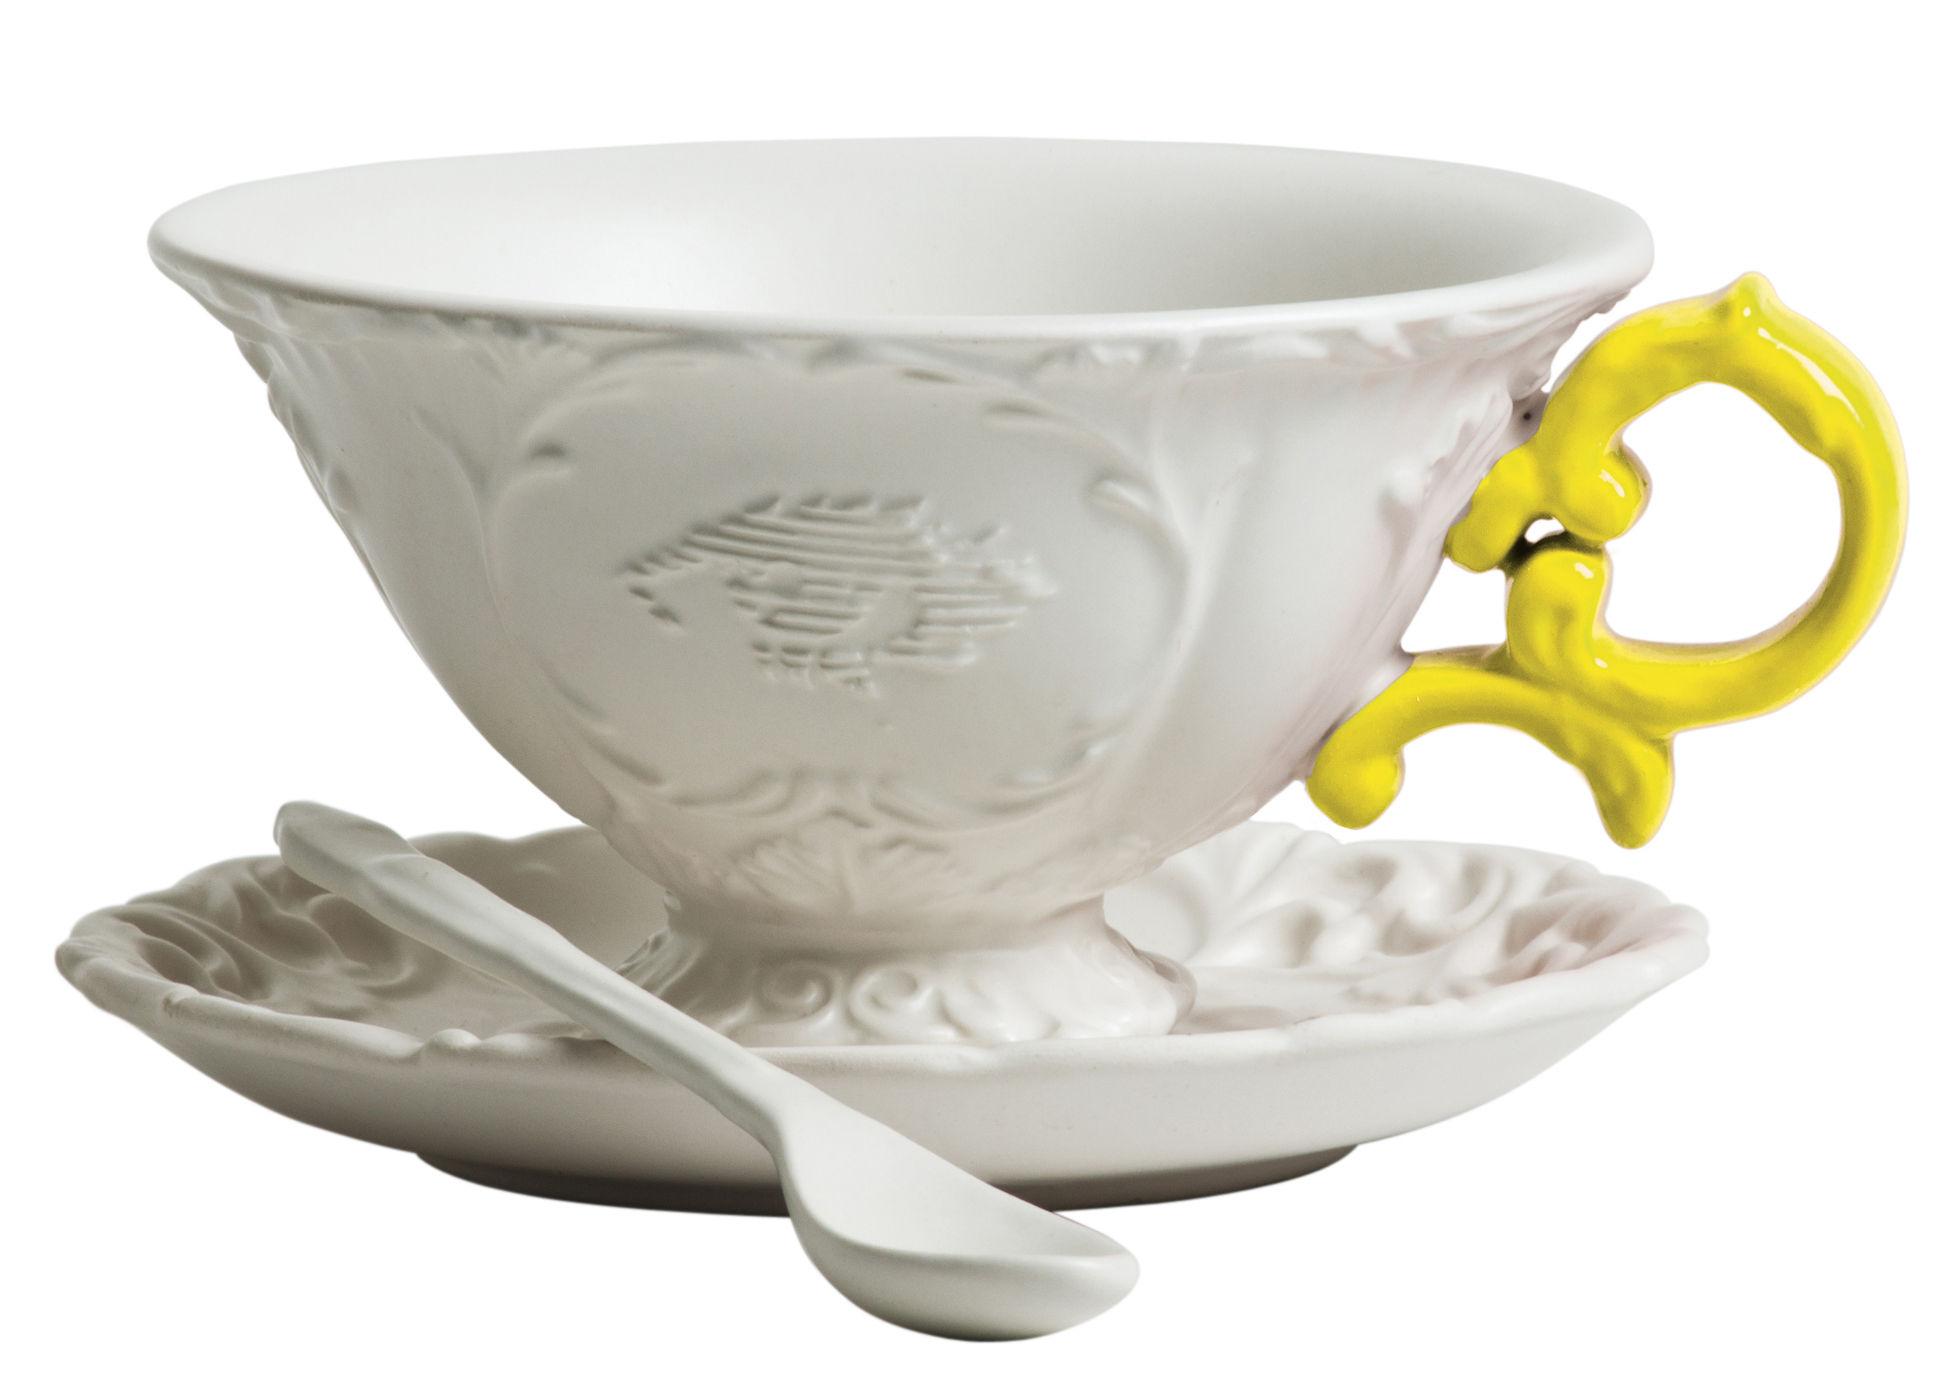 Tavola - Tazze e Boccali - Tazza da tè I-Tea - / Set tazza + sottopiattino + cucchiaio di Seletti - Bianco / Manico giallo - Porcellana